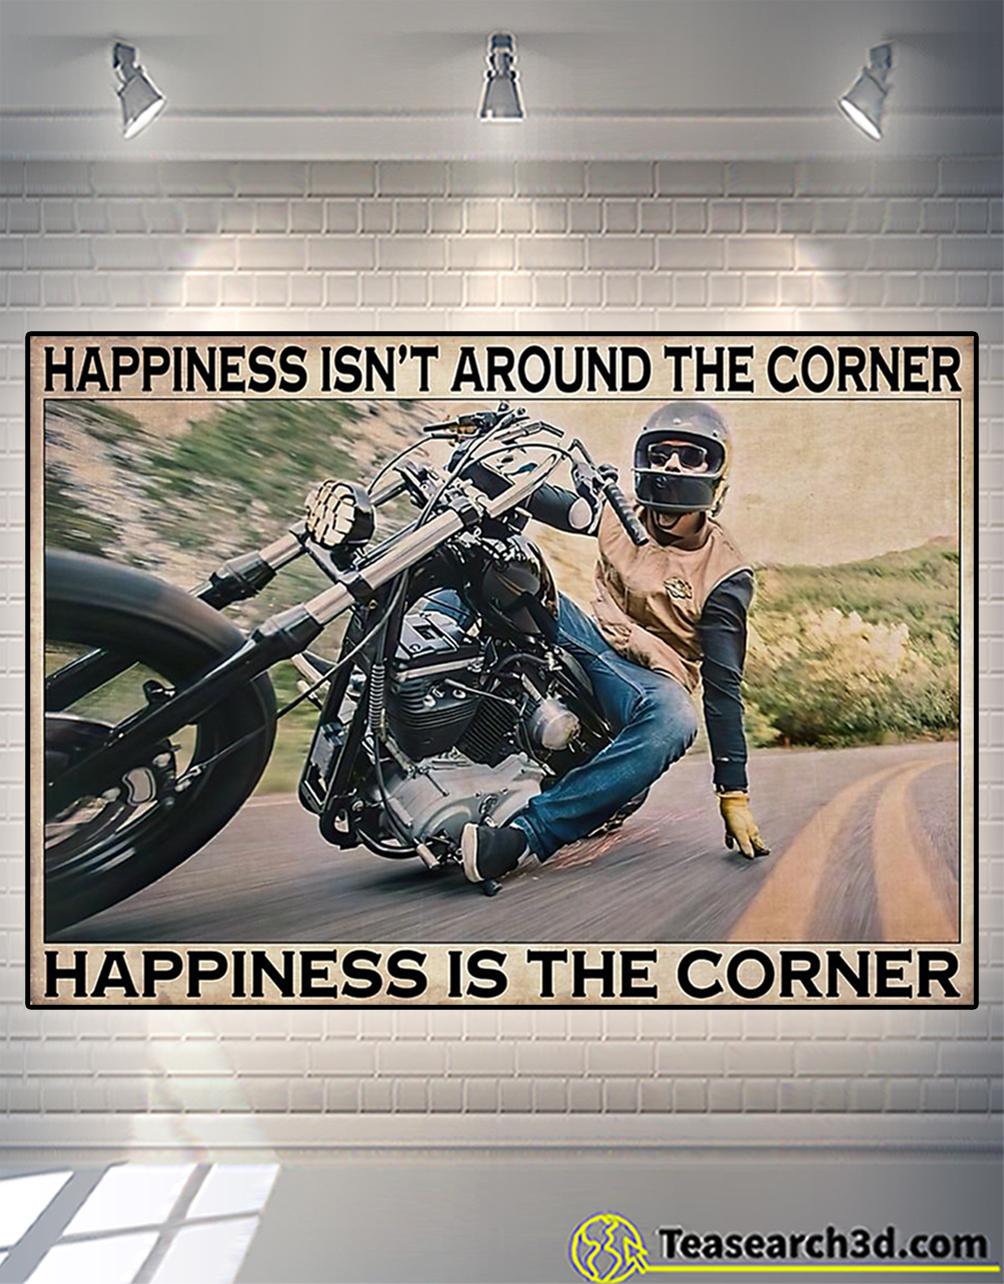 Motorcycle corner hapiness isn't around the corner poster